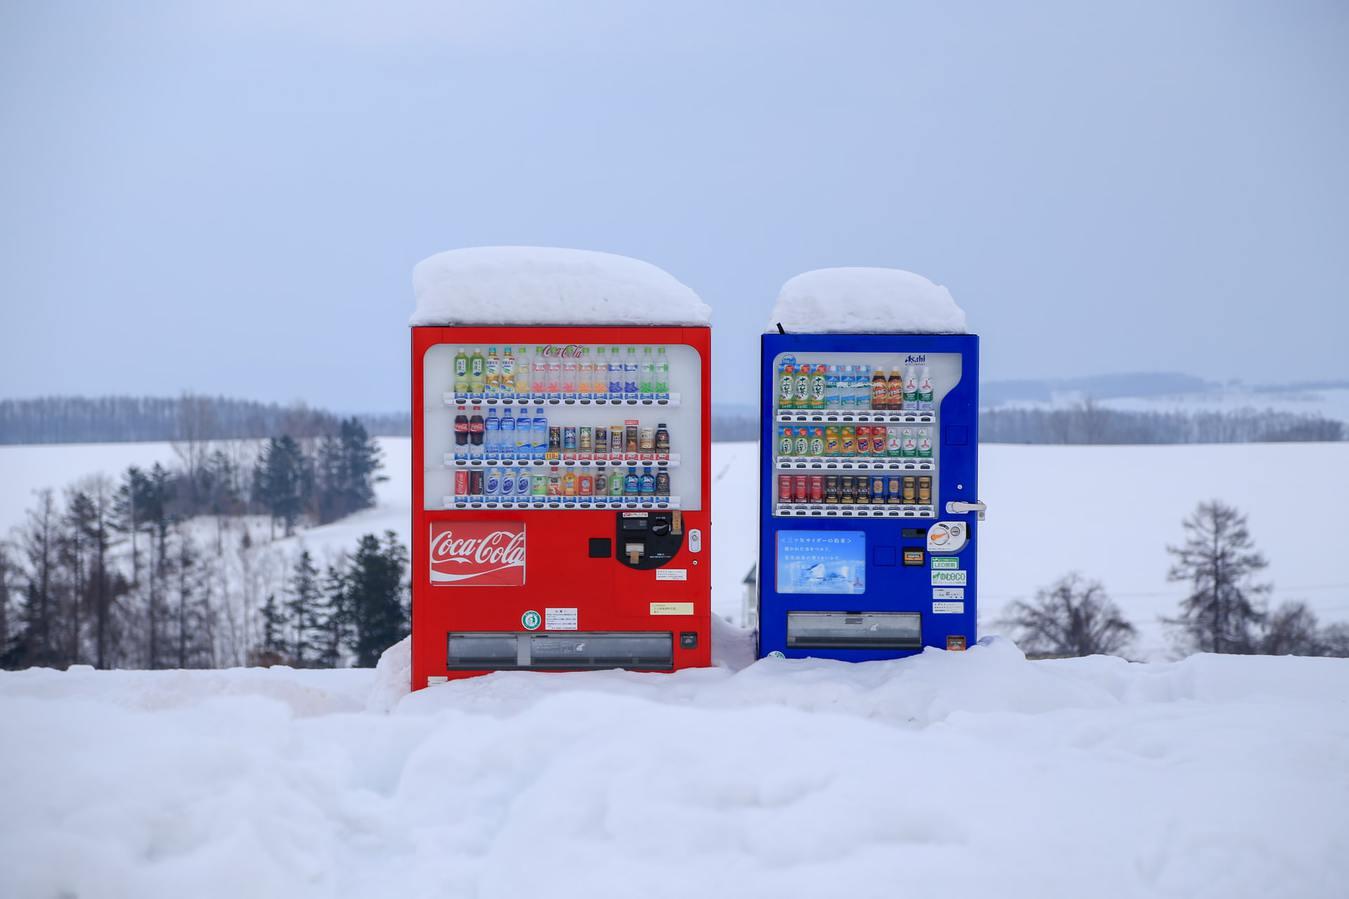 thương hiệu cocacola đặt ở vùng vắng vẻ nhiều tuyết